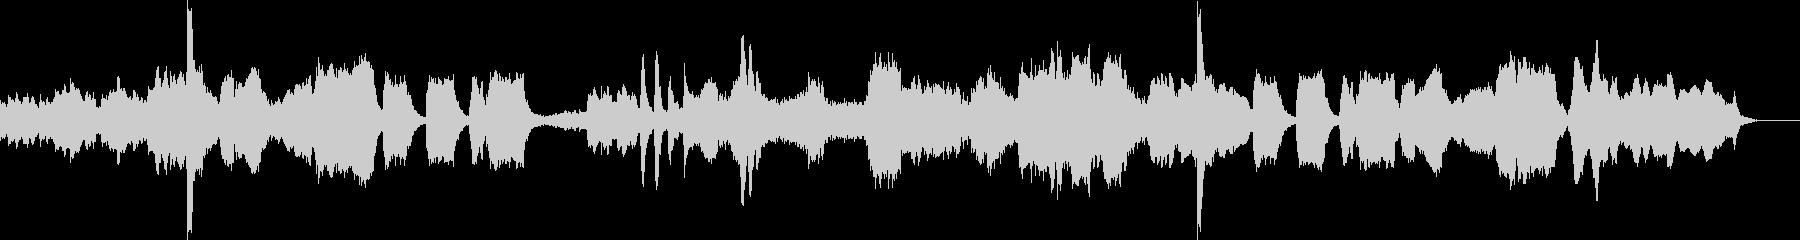 怪しいホラーテイストなクラシックの未再生の波形